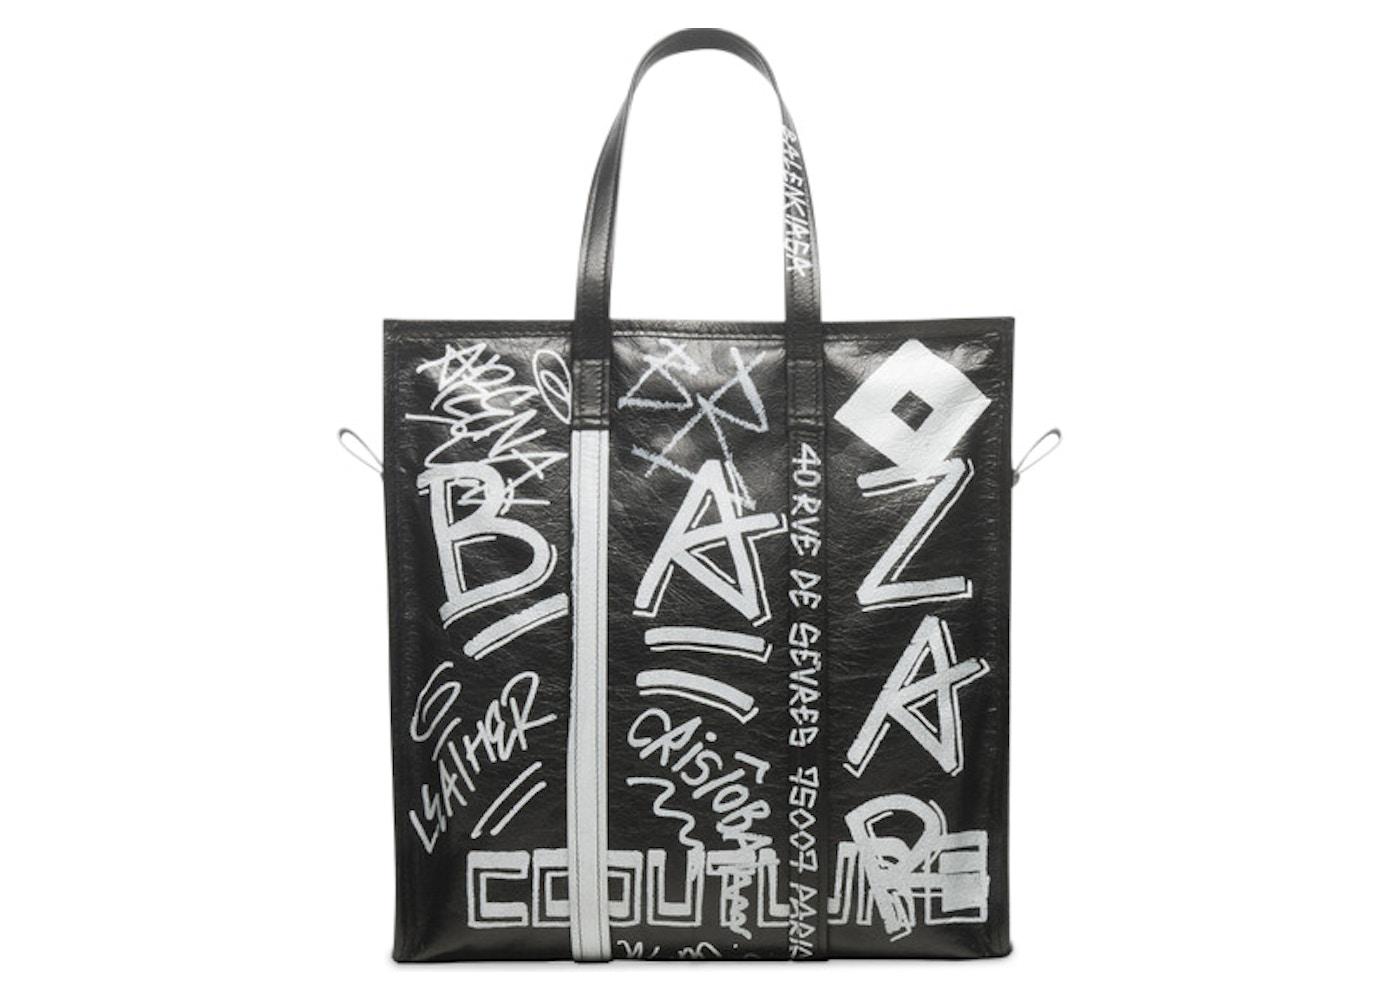 7b042cc77aae Balenciaga Bazar Shopper Graffiti Medium Black White